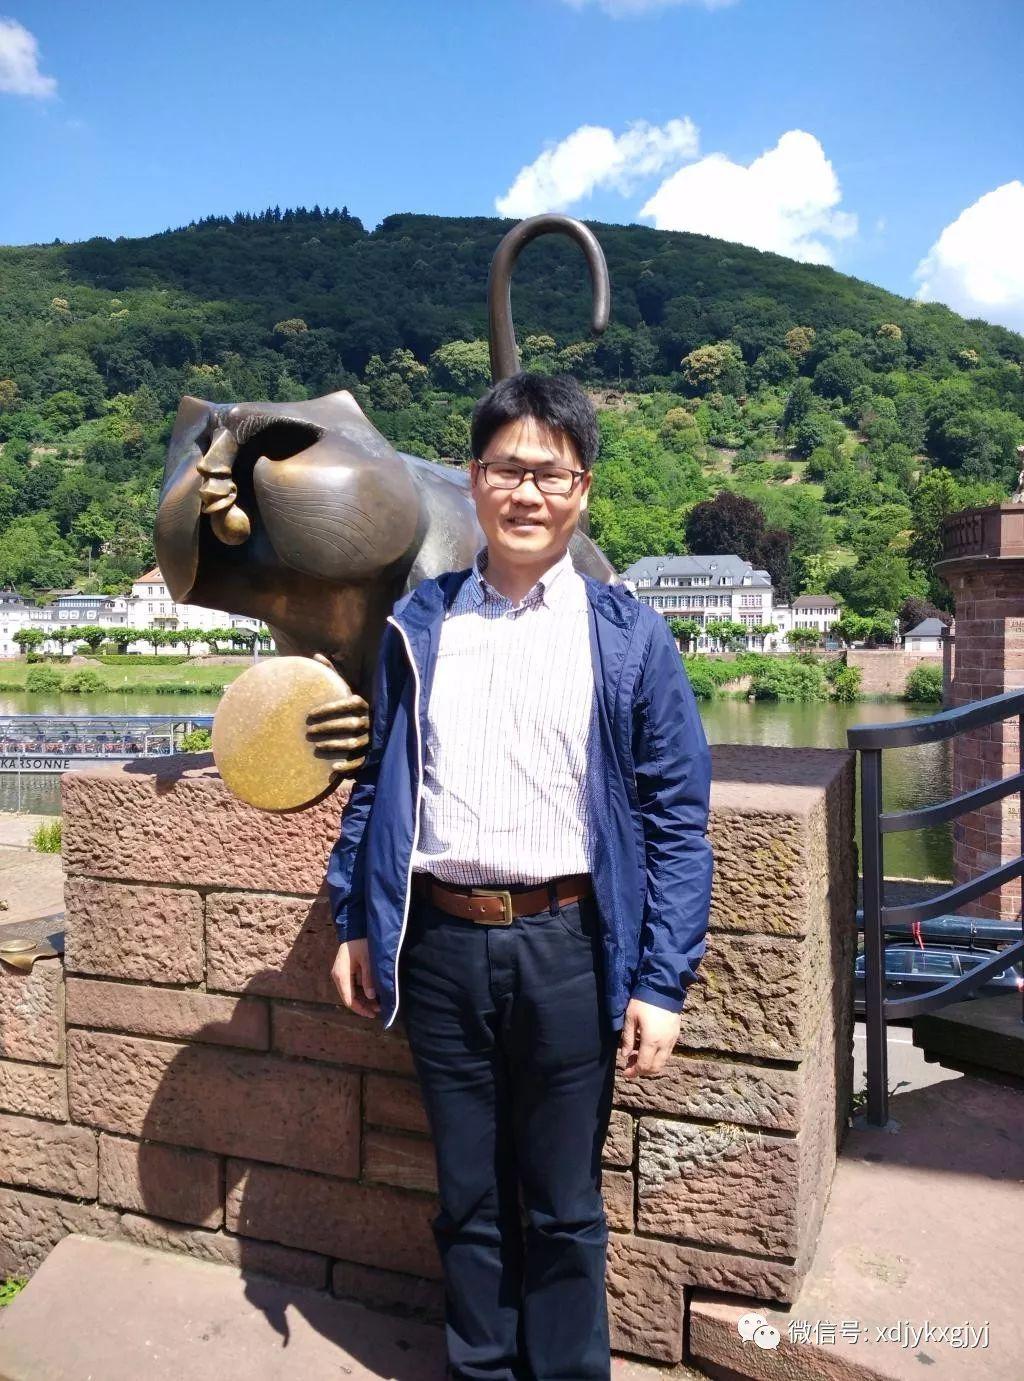 王建華:大學排名的風險與一流大學的建設